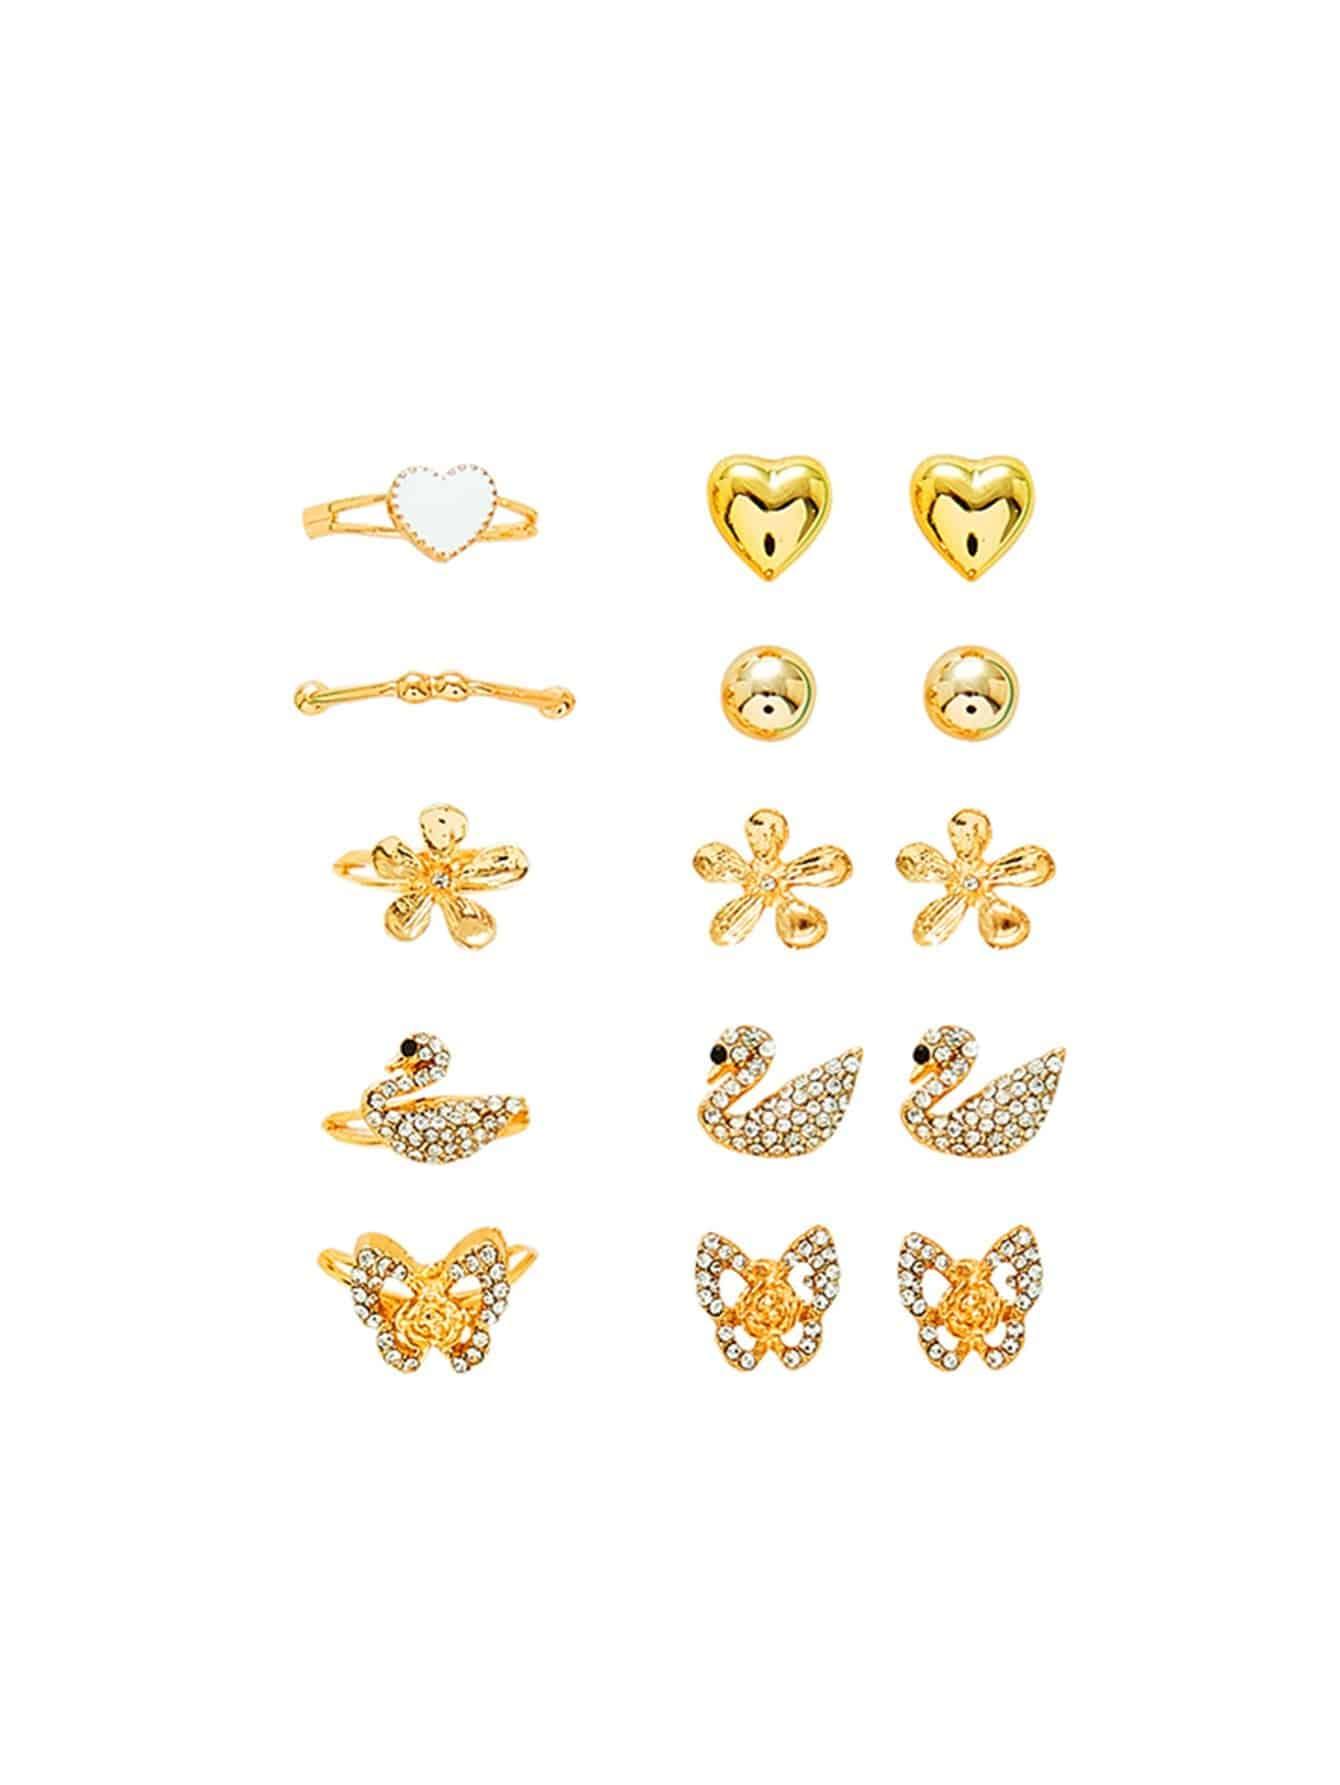 Swan & Heart Design Ring & Earring Set open heart design ring